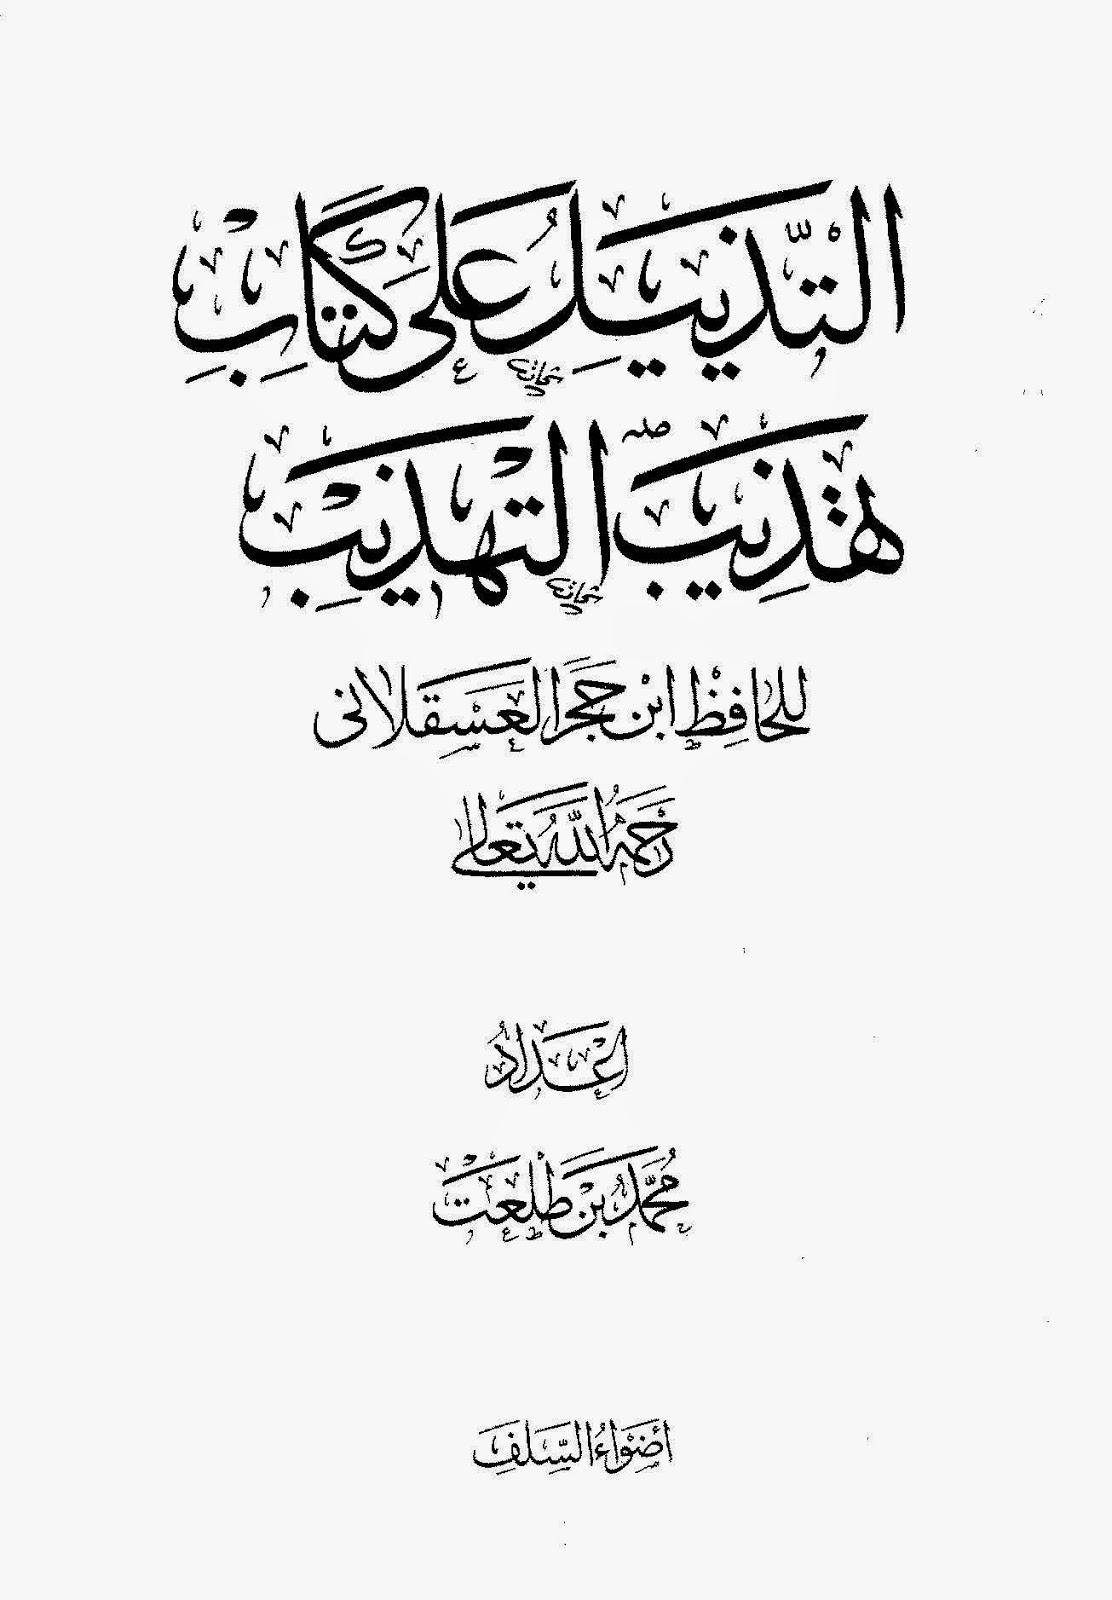 التذييل على كتاب تهذيب التهذيب لابن حجر لـ محمد بن طلعت